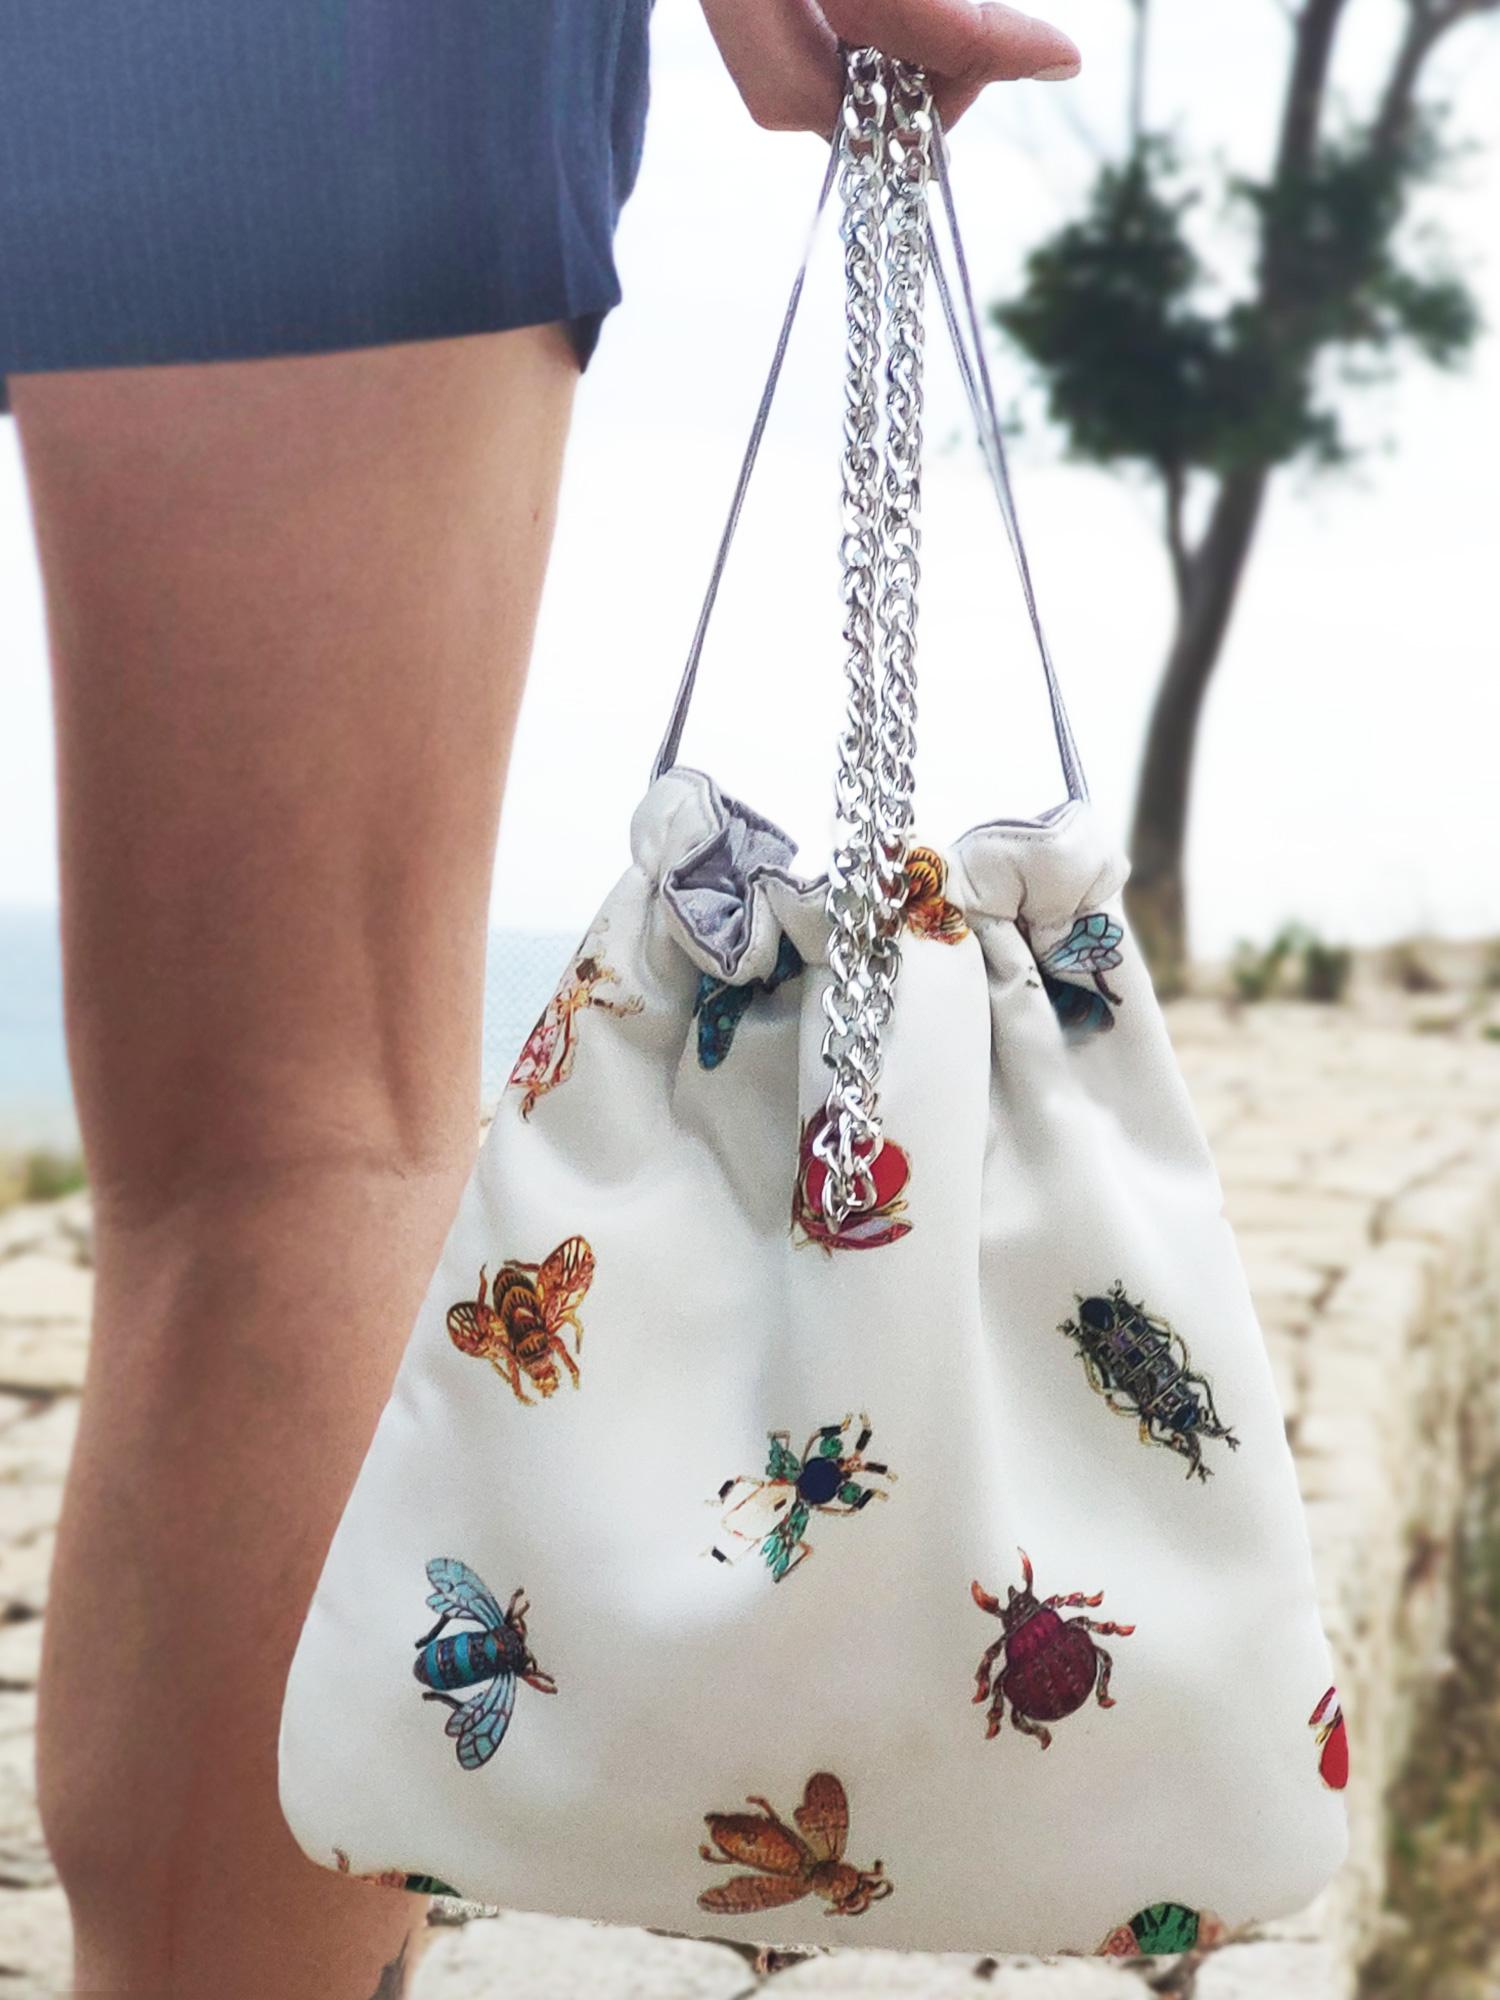 bolso-saco-estampado-insectos-scilla e cariddi bags